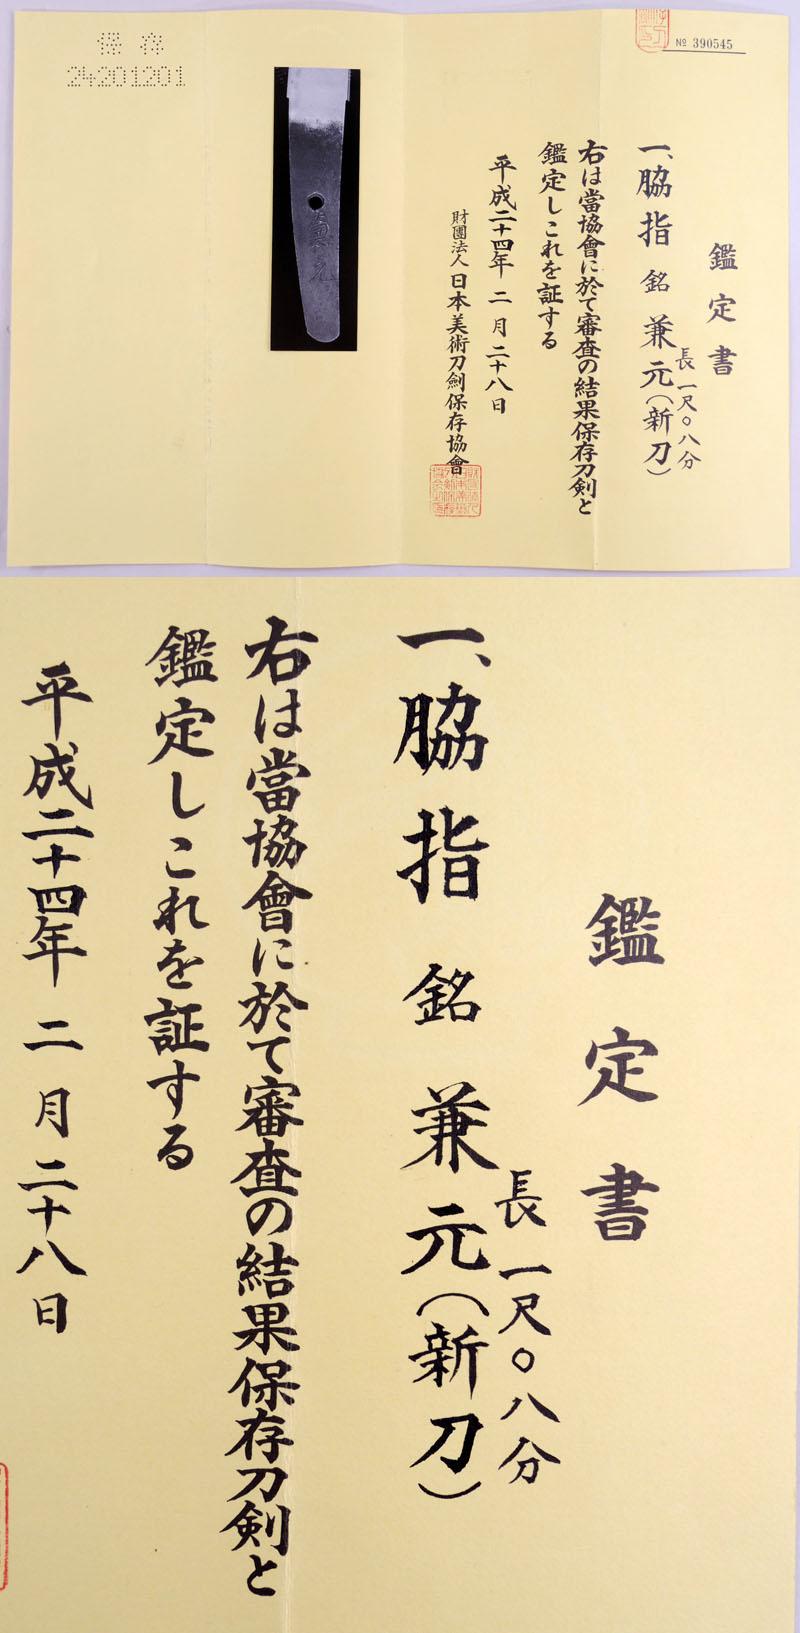 兼元 Picture of Certificate